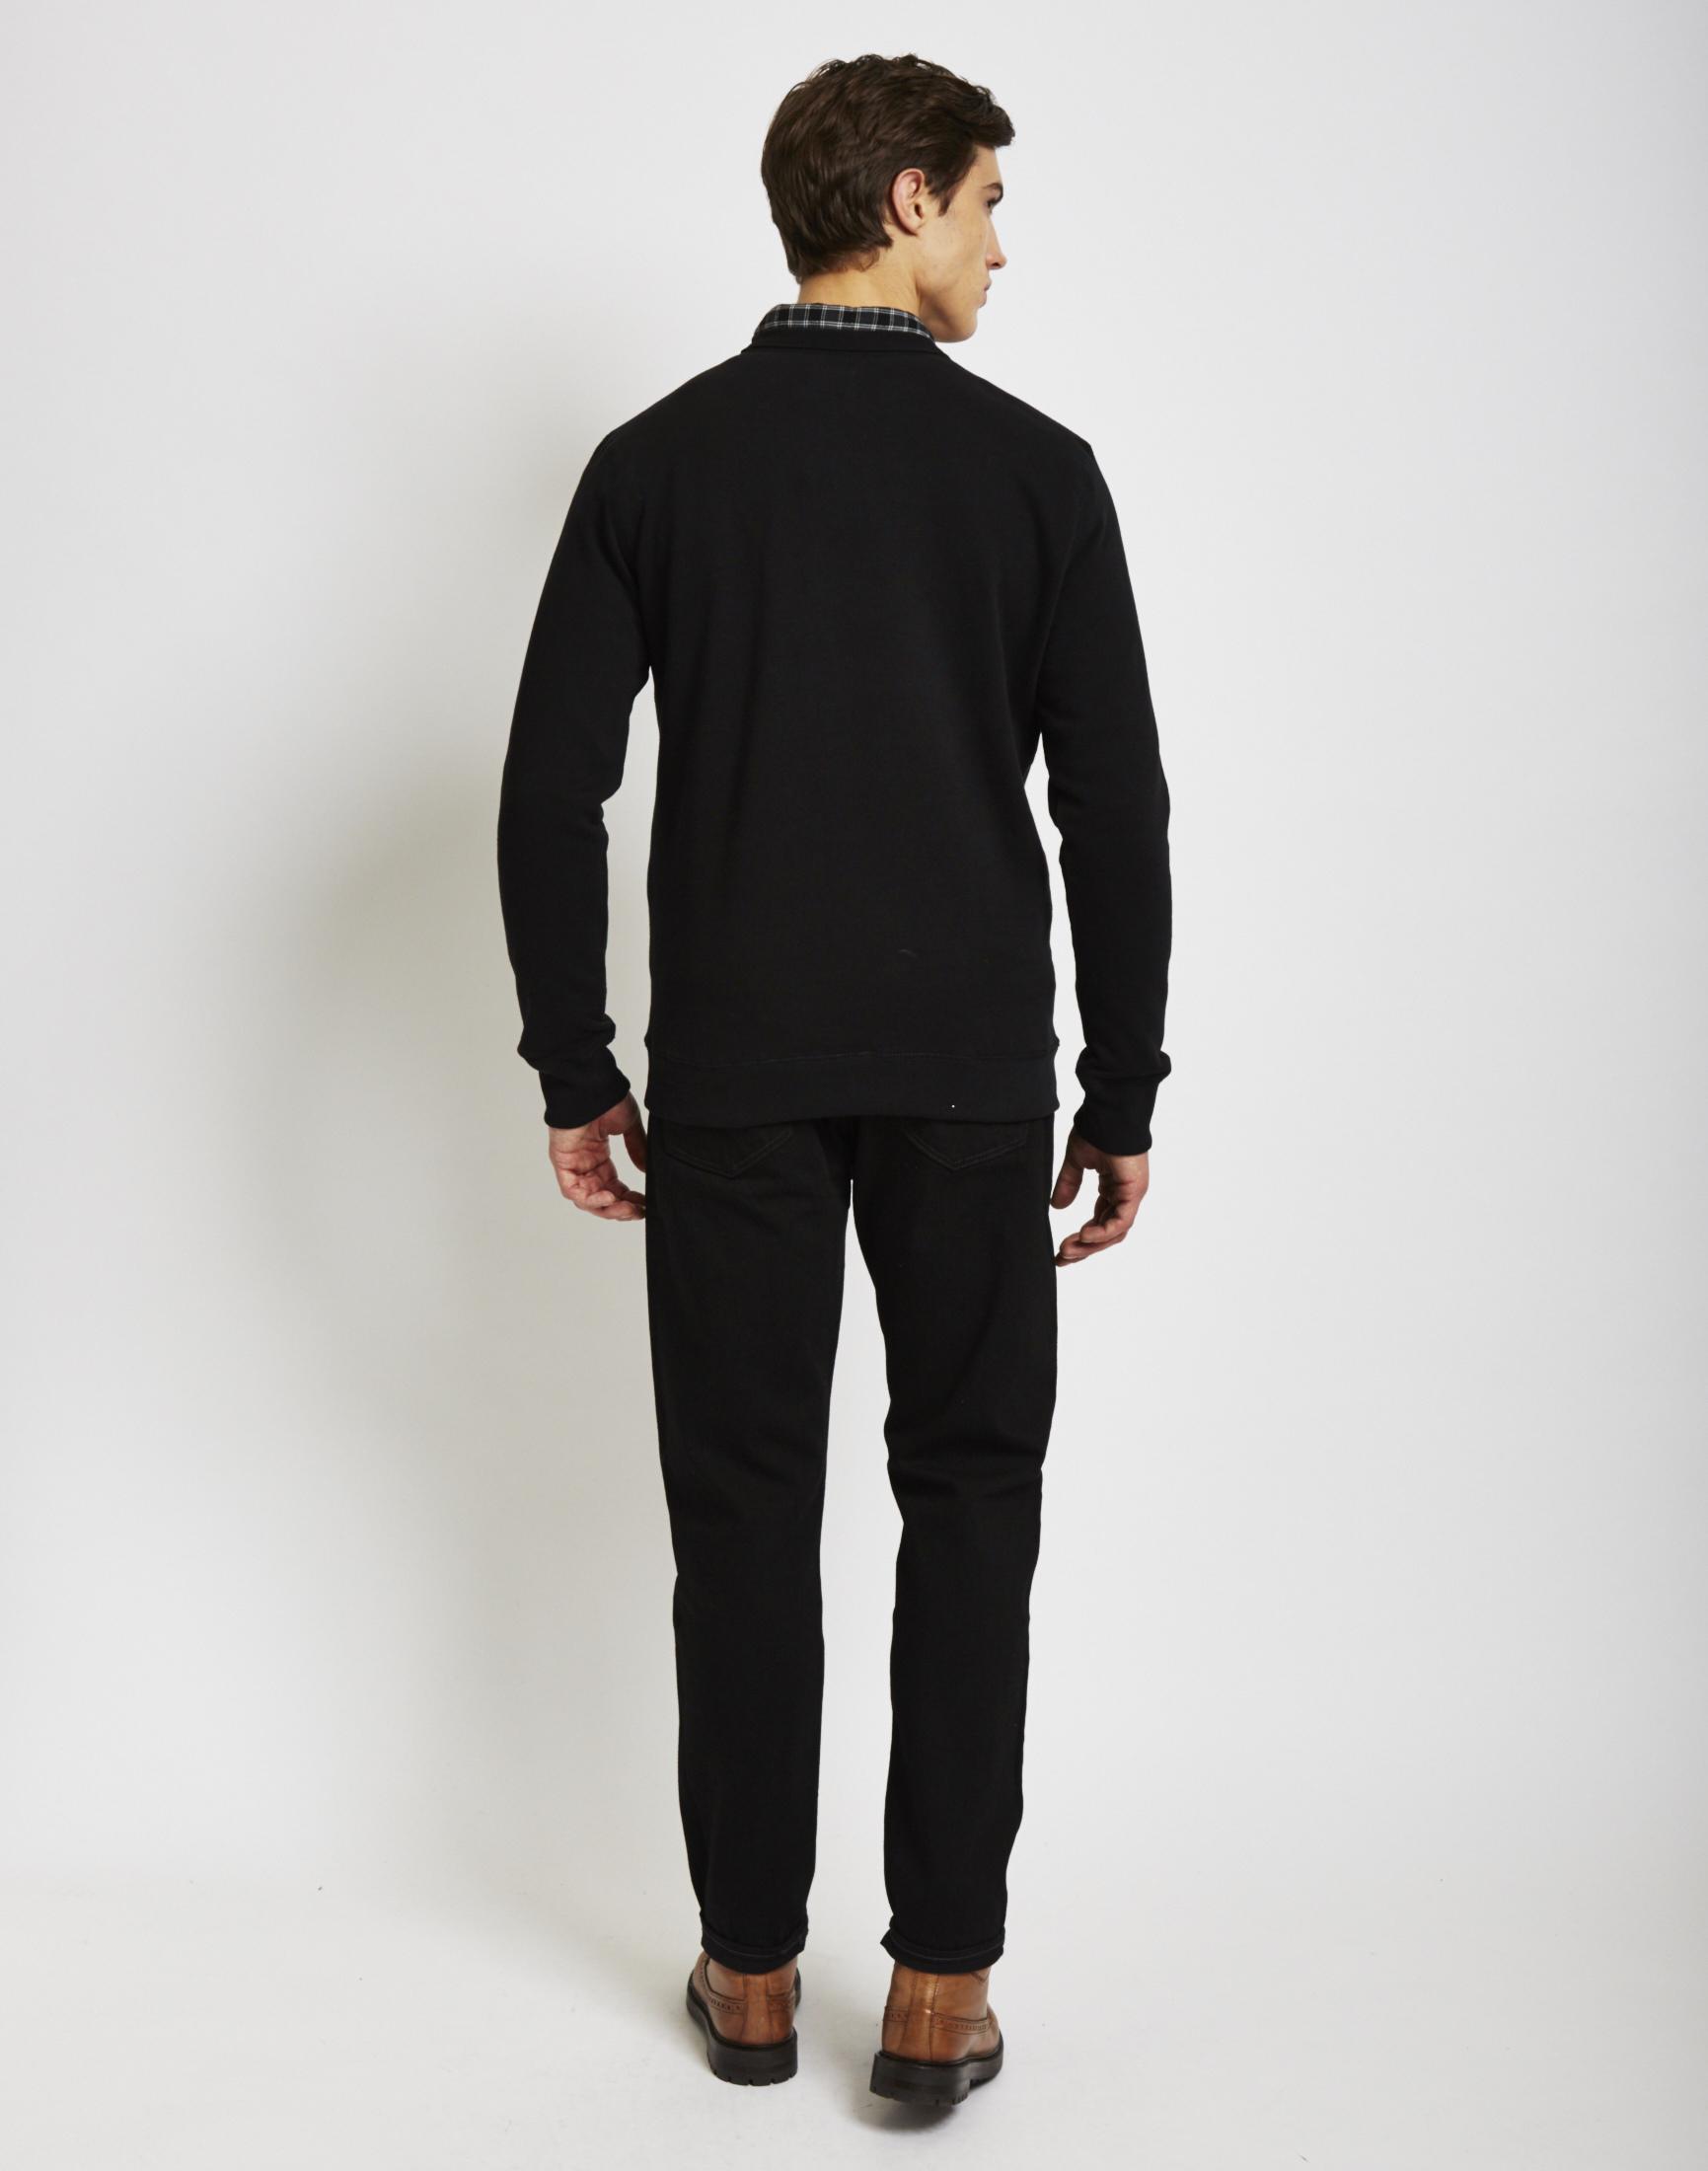 lee black jeans for men - photo #34